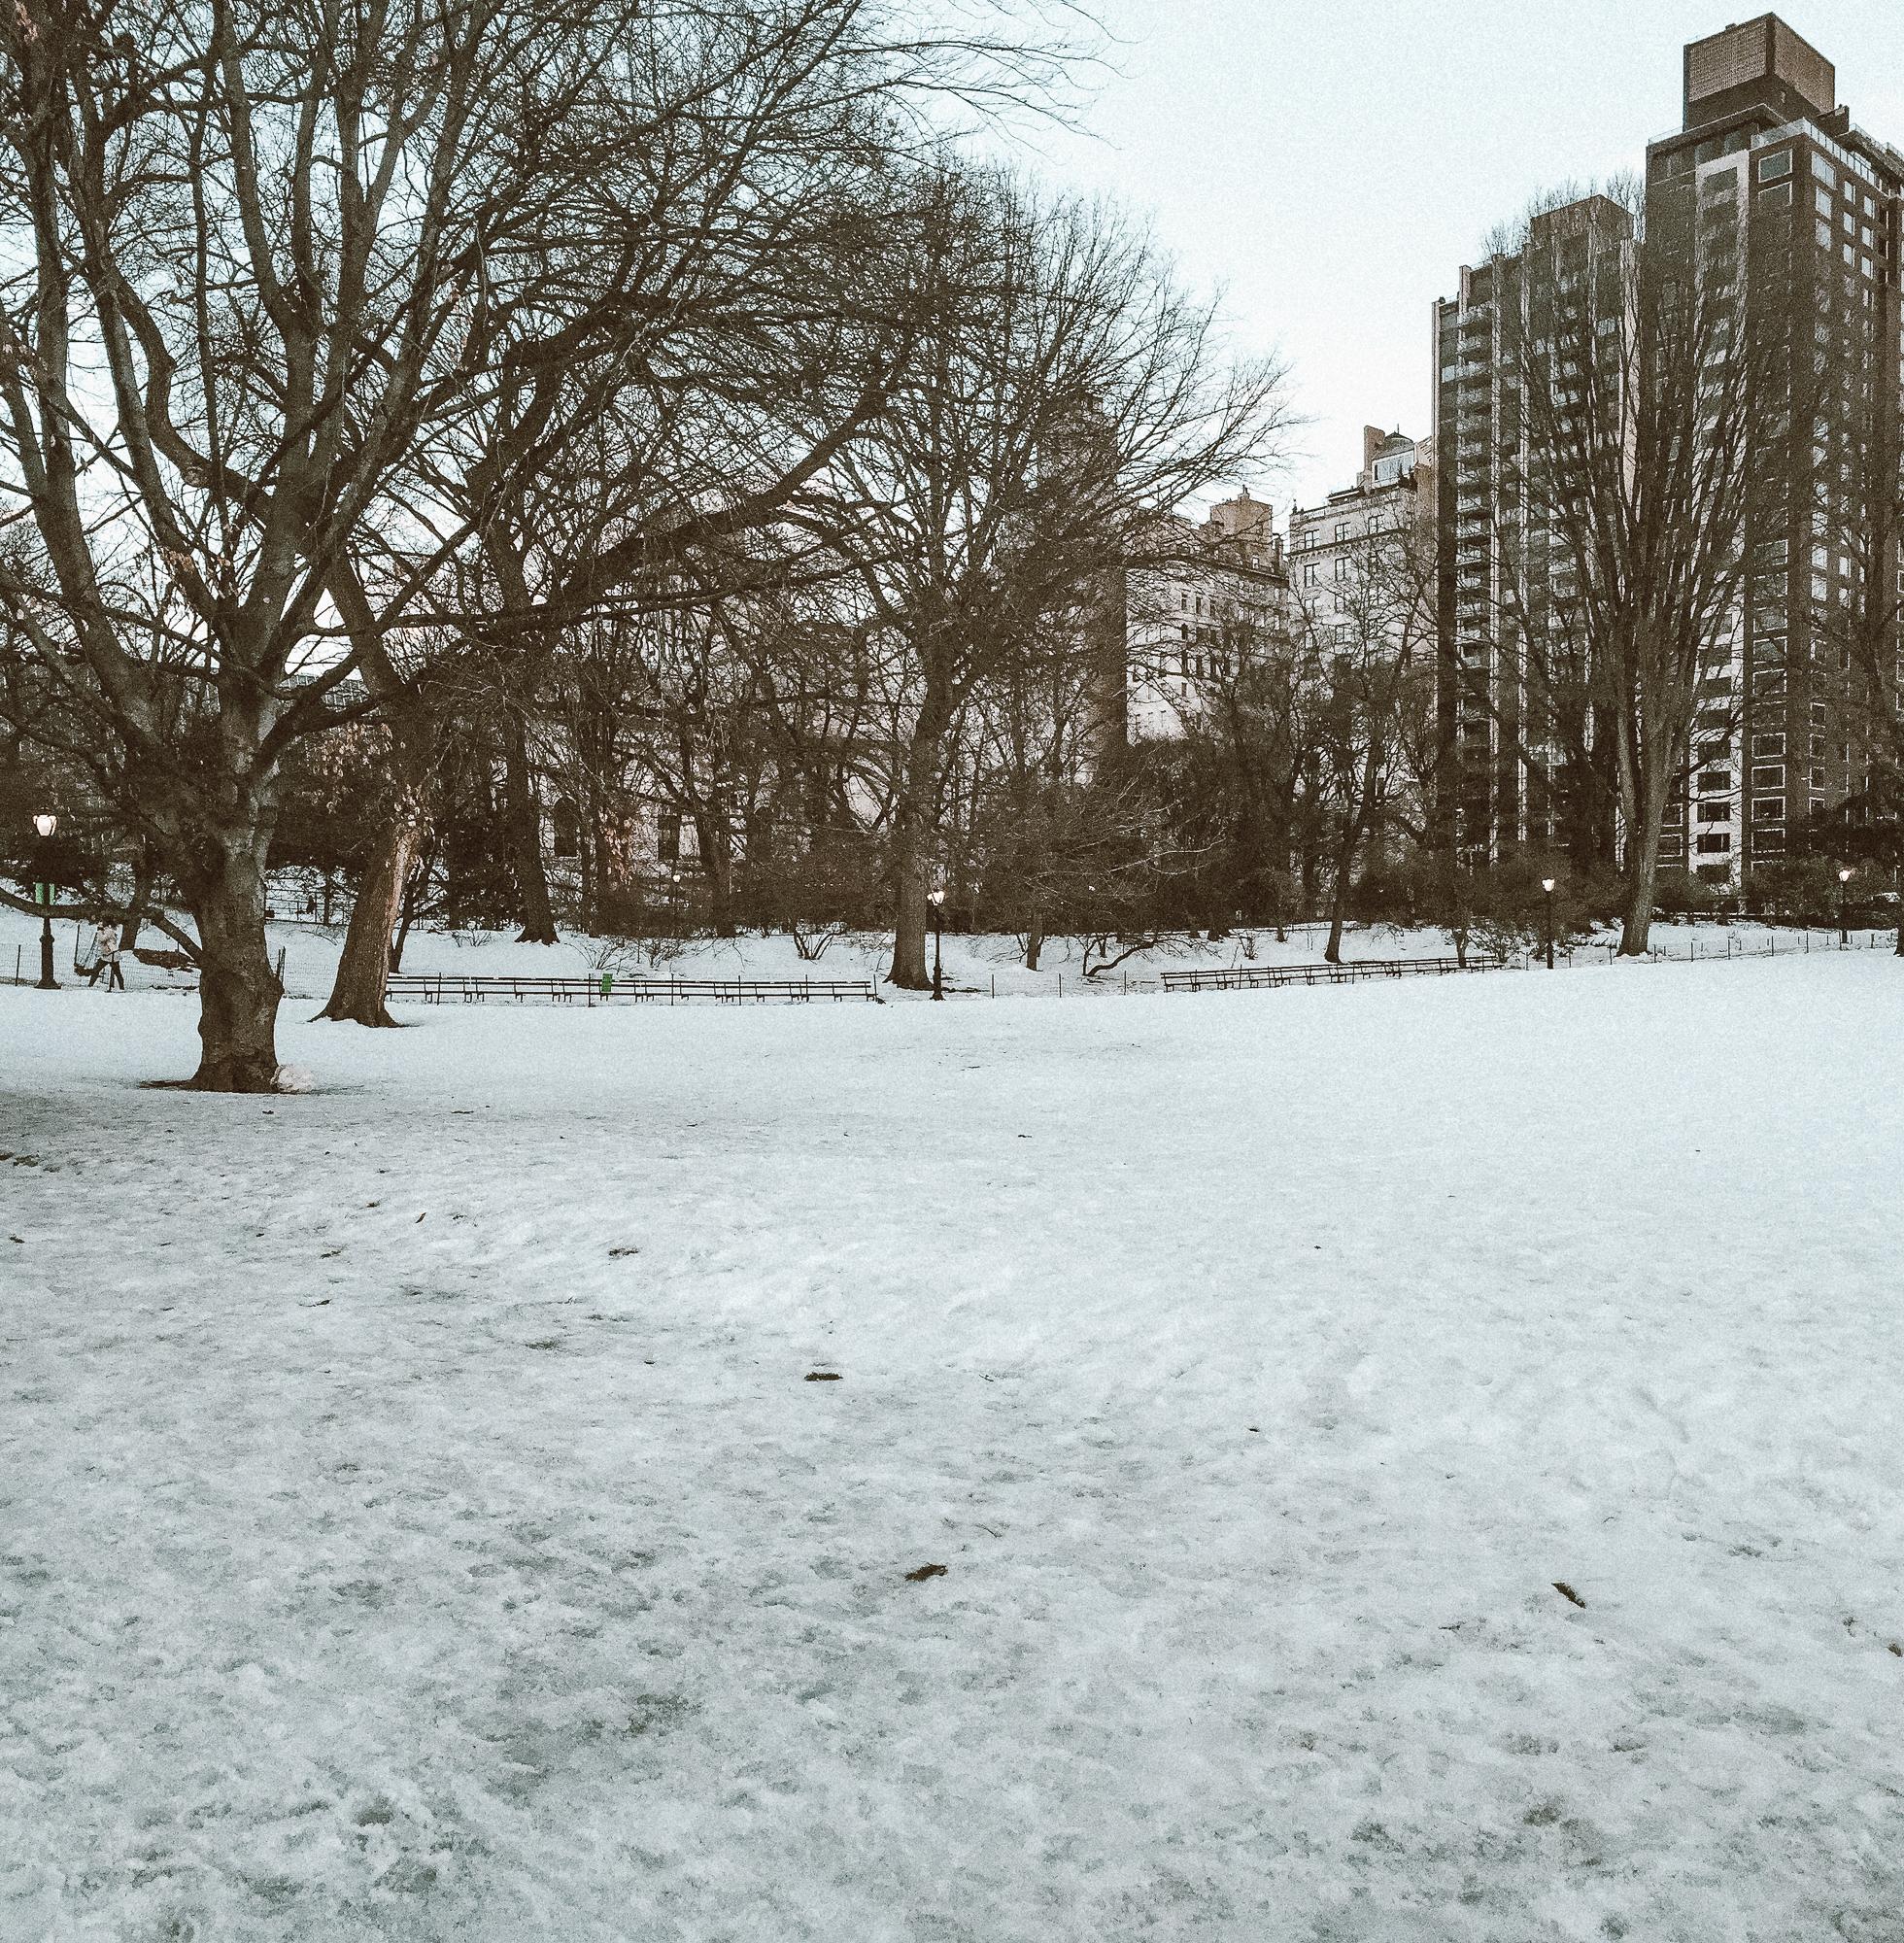 Foto de árvores e prédios de Nova York com uma camada de neve sobre o chão